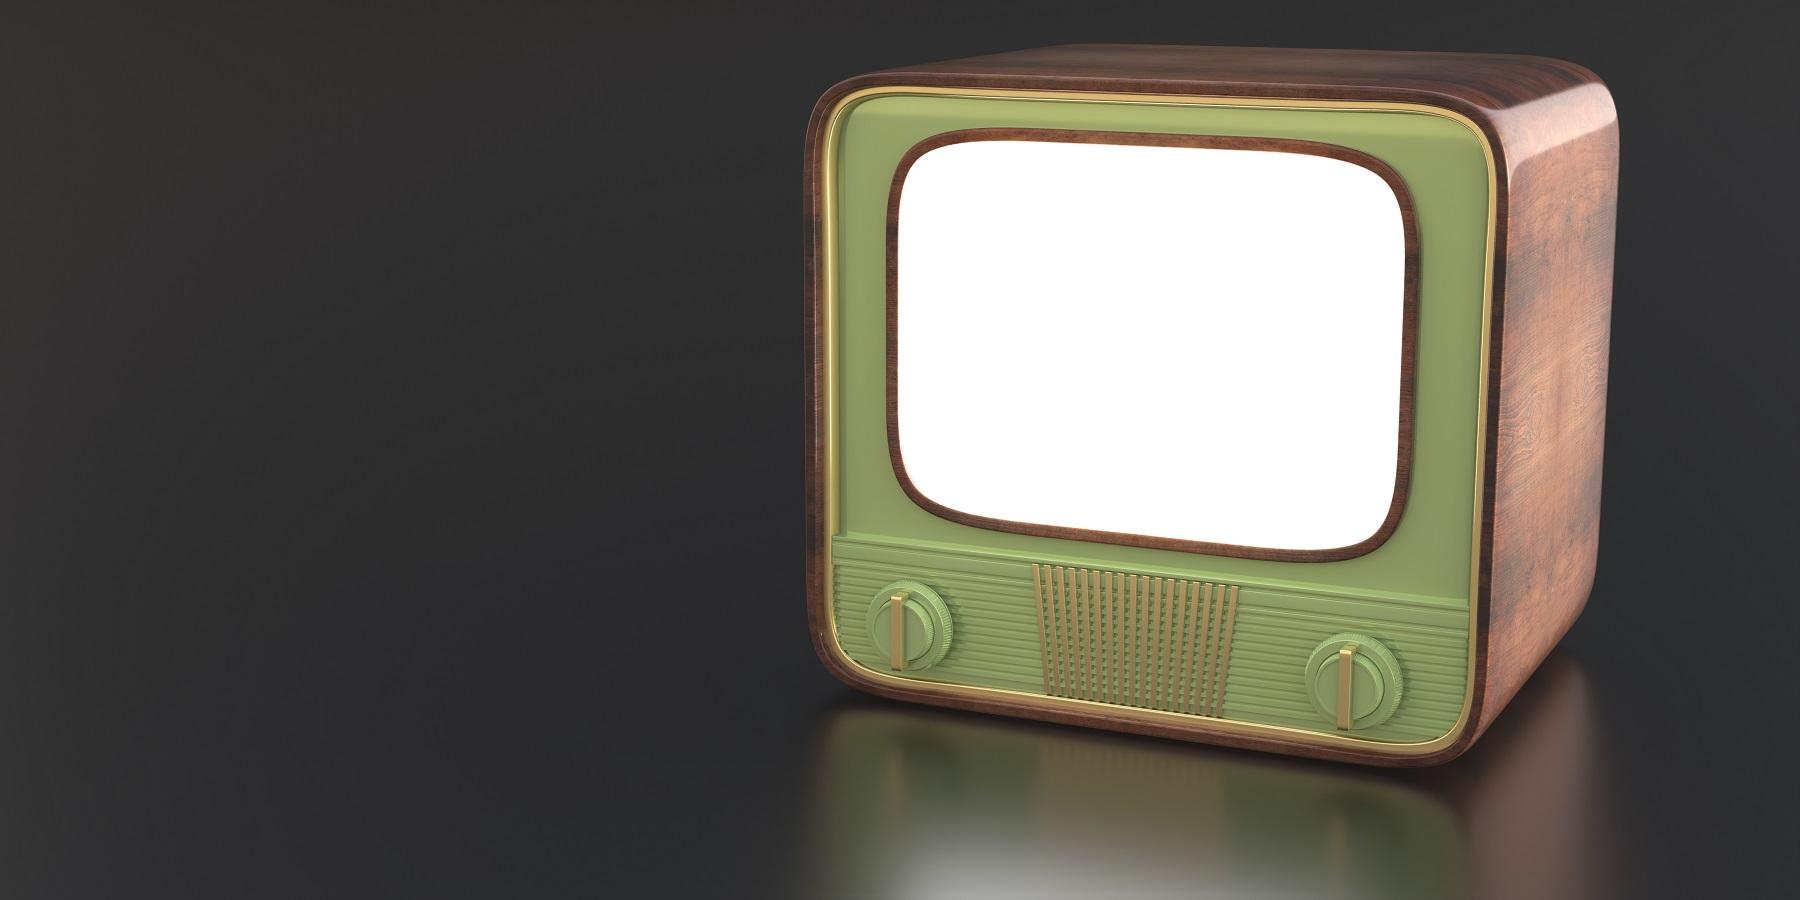 retro old tv against black color background 3d ill 4NCHFFE дезинформация дезинформация